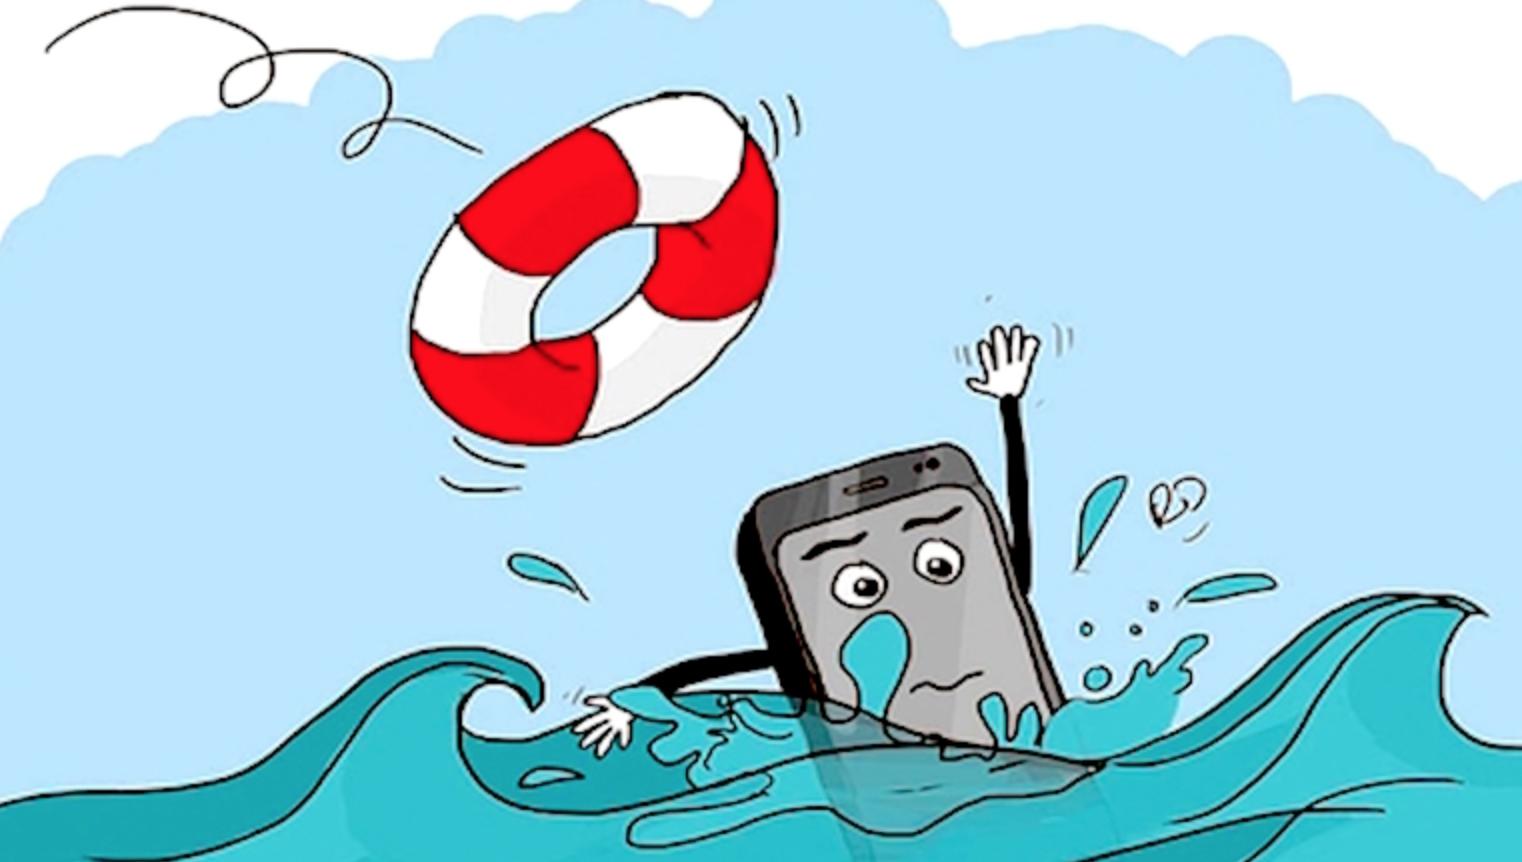 Không ngâm điện thoại trong nước